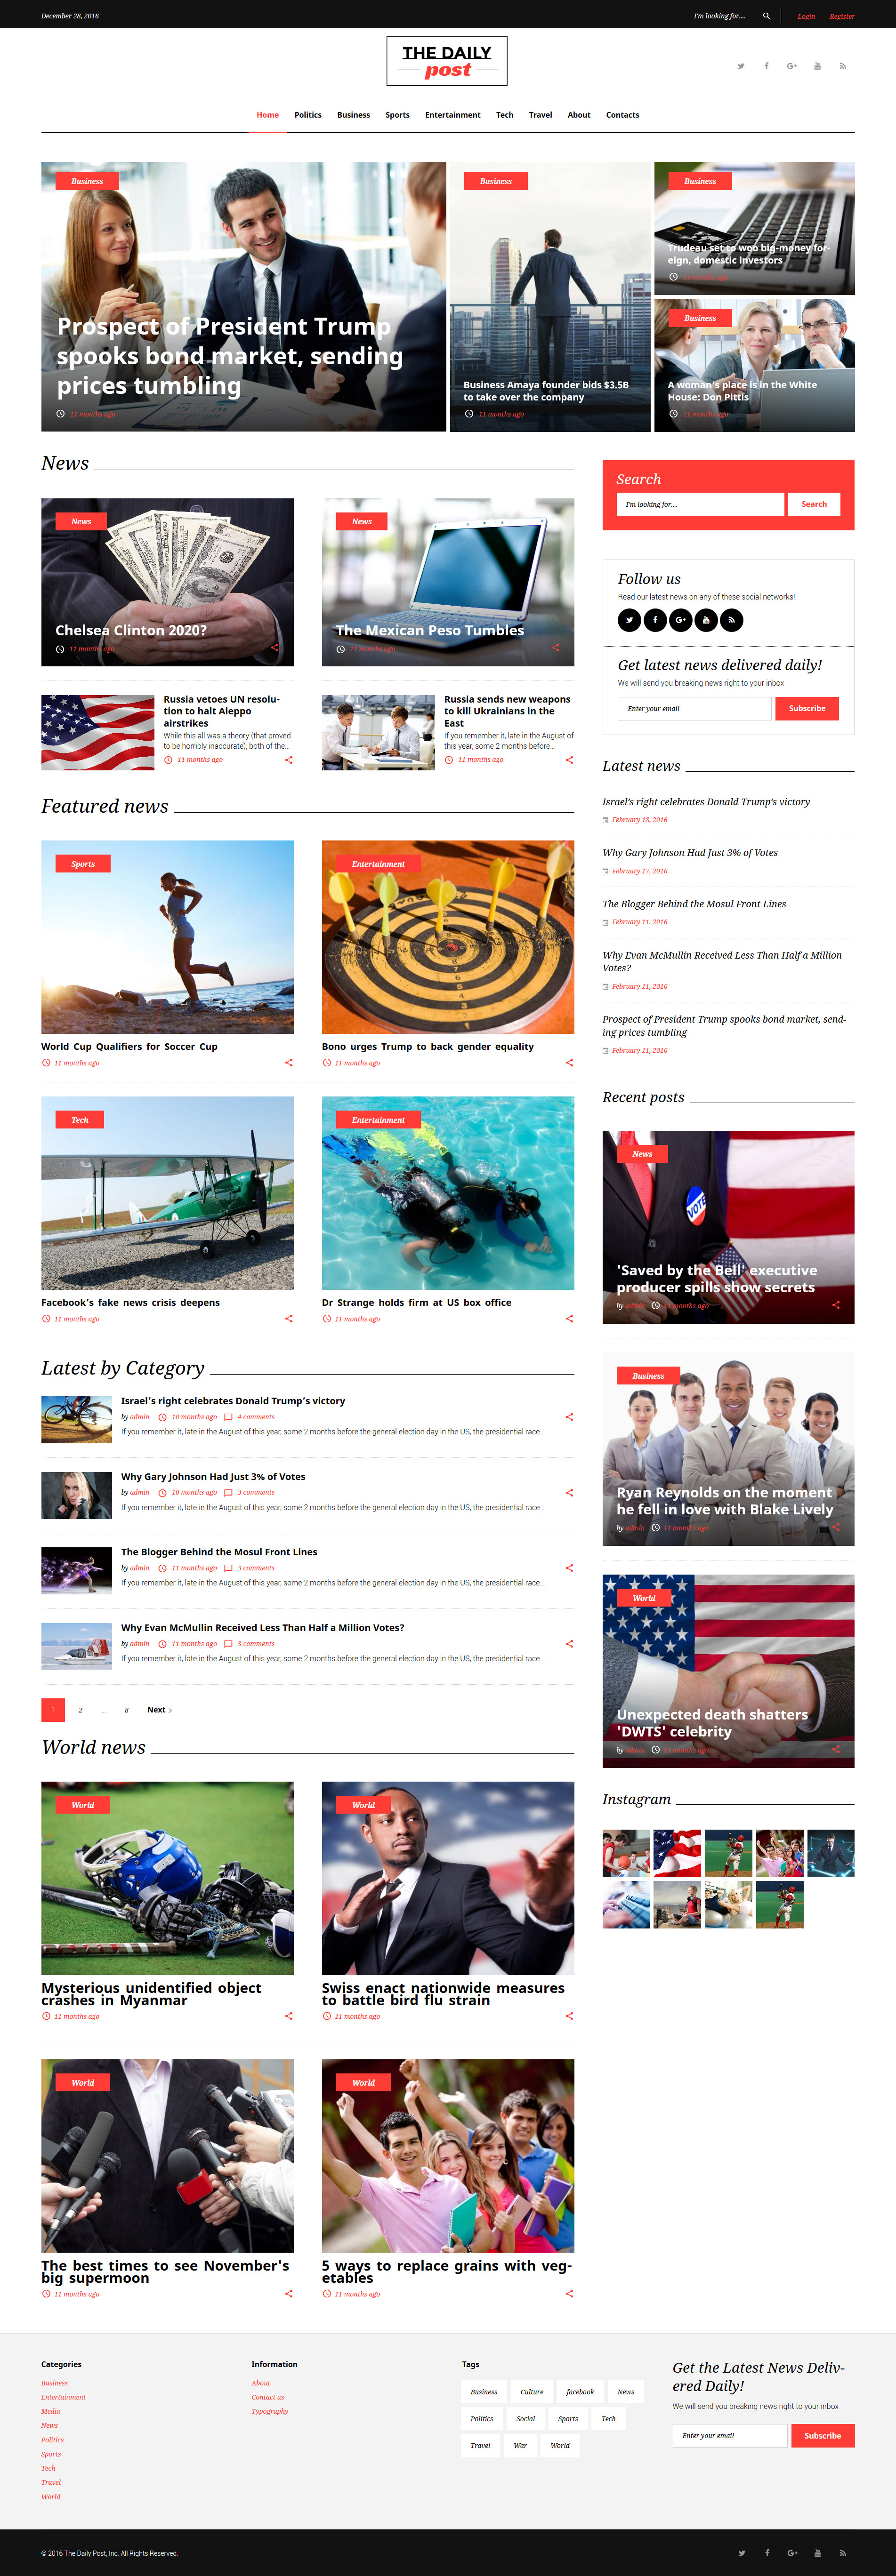 """""""The Daily Post - Médias et dernières nouvelles"""" thème WordPress adaptatif #62121 - screenshot"""